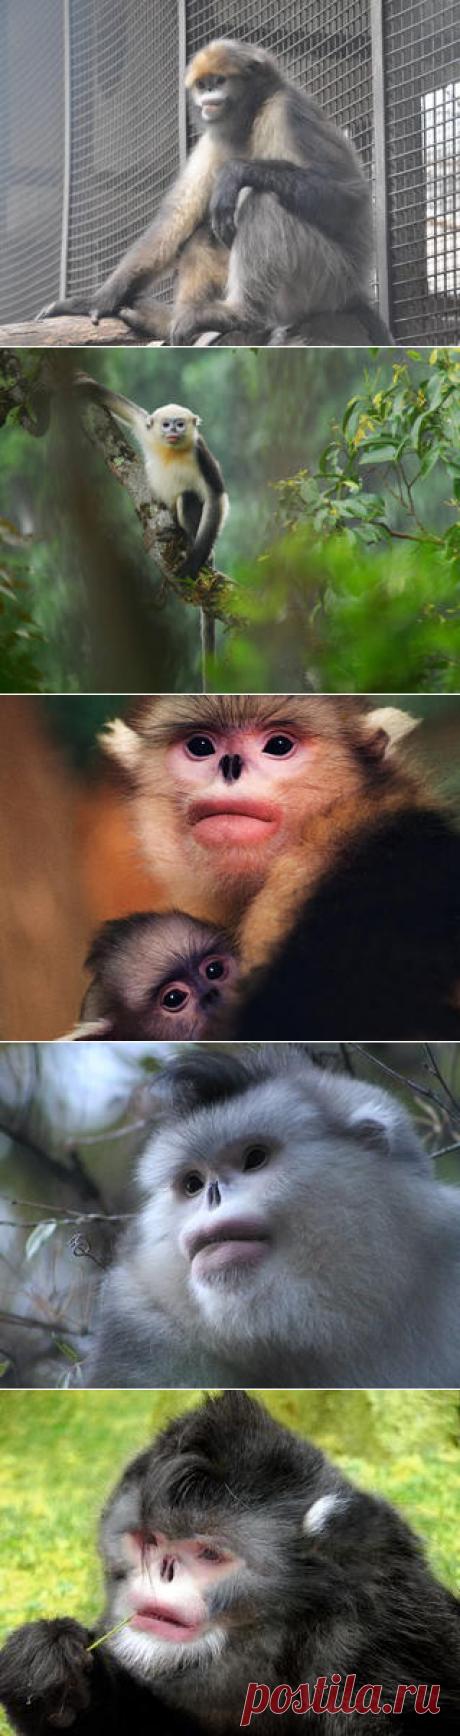 Смотреть изображения ринопитеков | Зооляндия